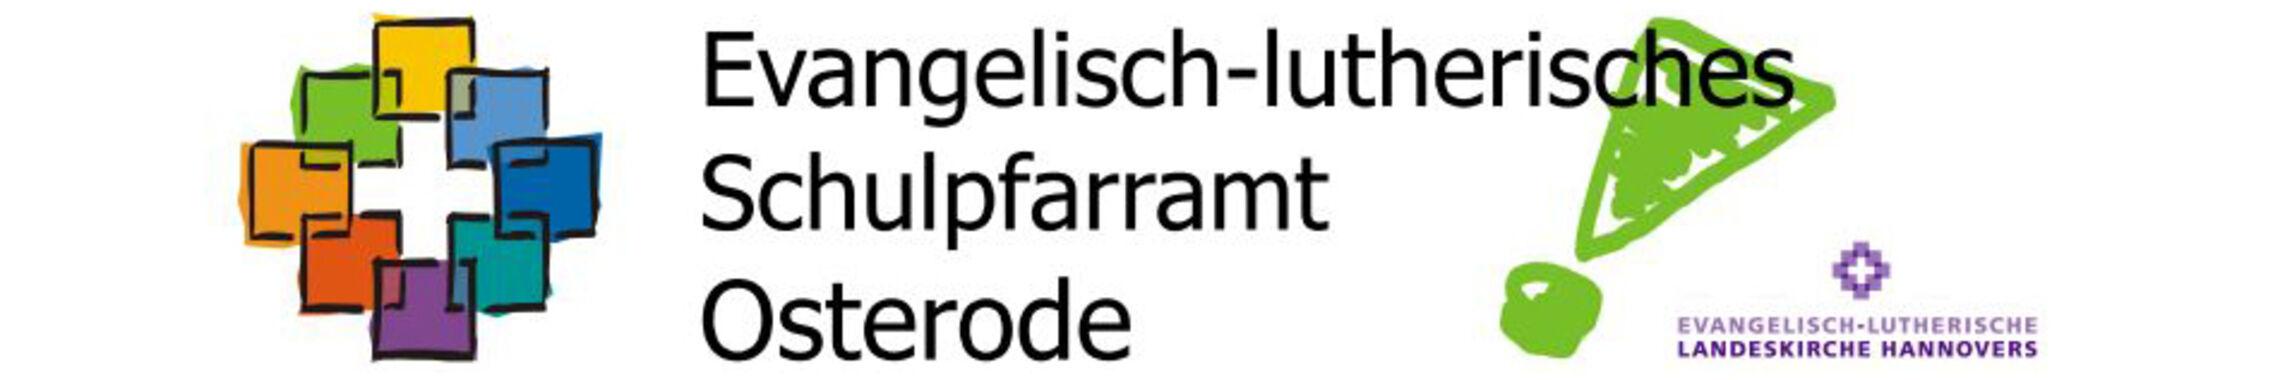 schulpfarramt_banner_3